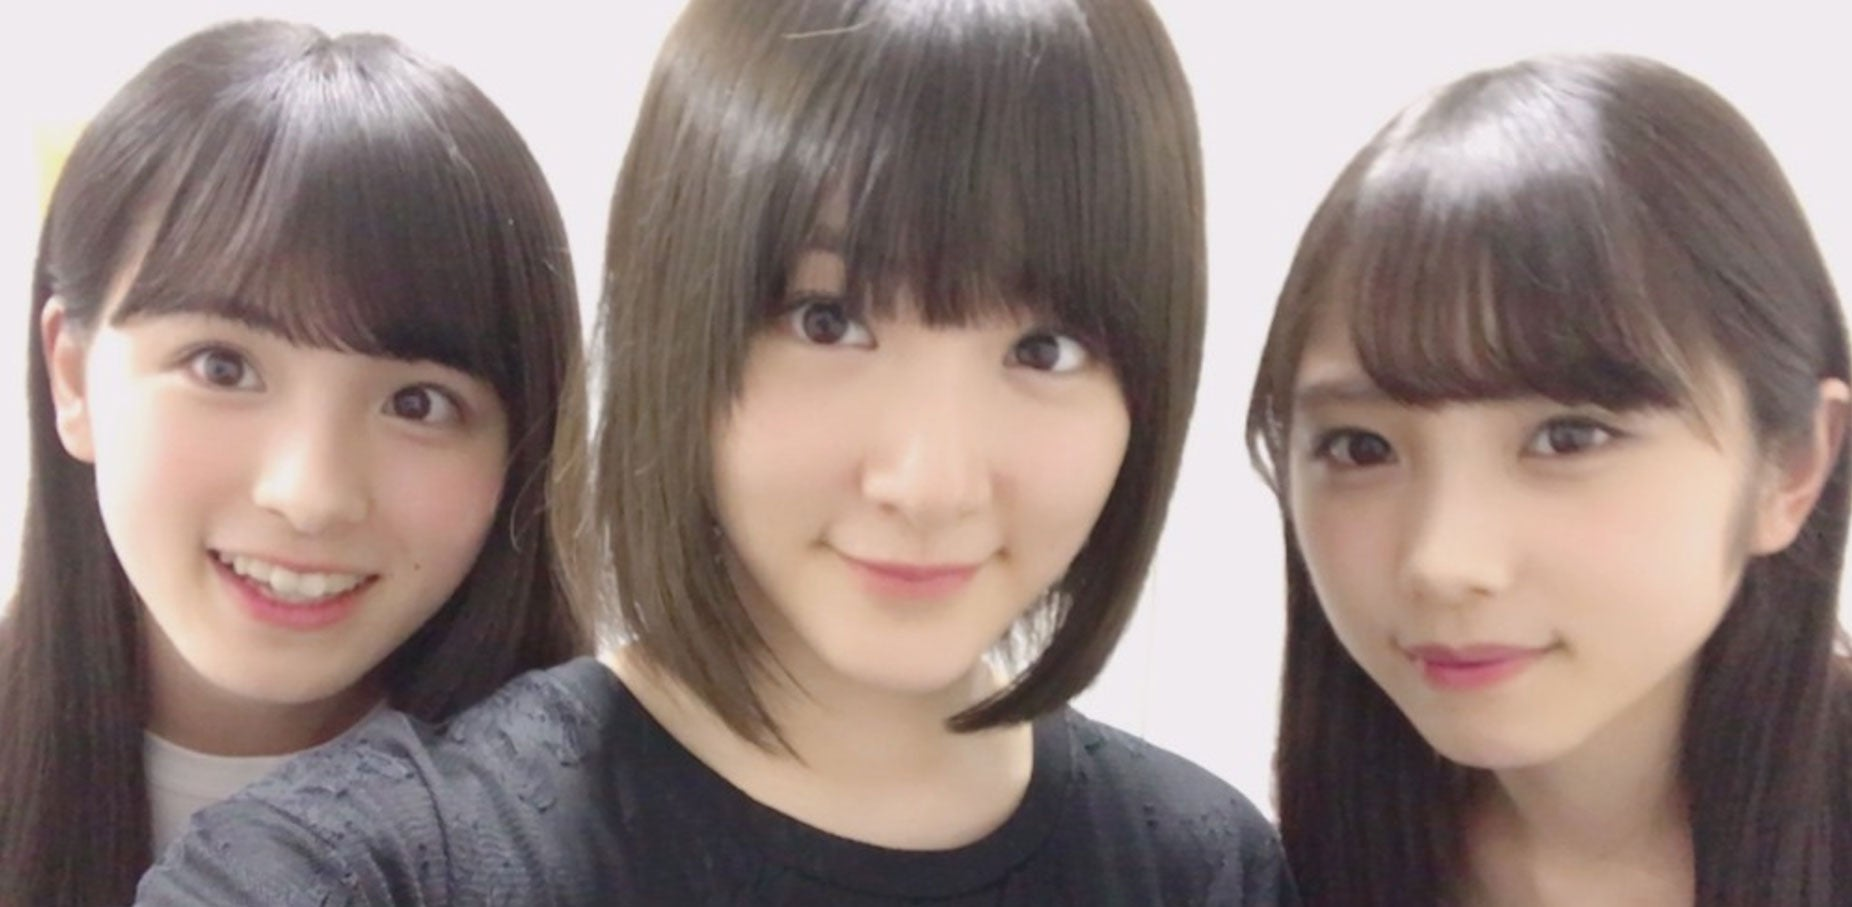 乃木坂46生駒里奈、新Wセンター与田祐希&大園桃子にコメント ポジションについて本音も